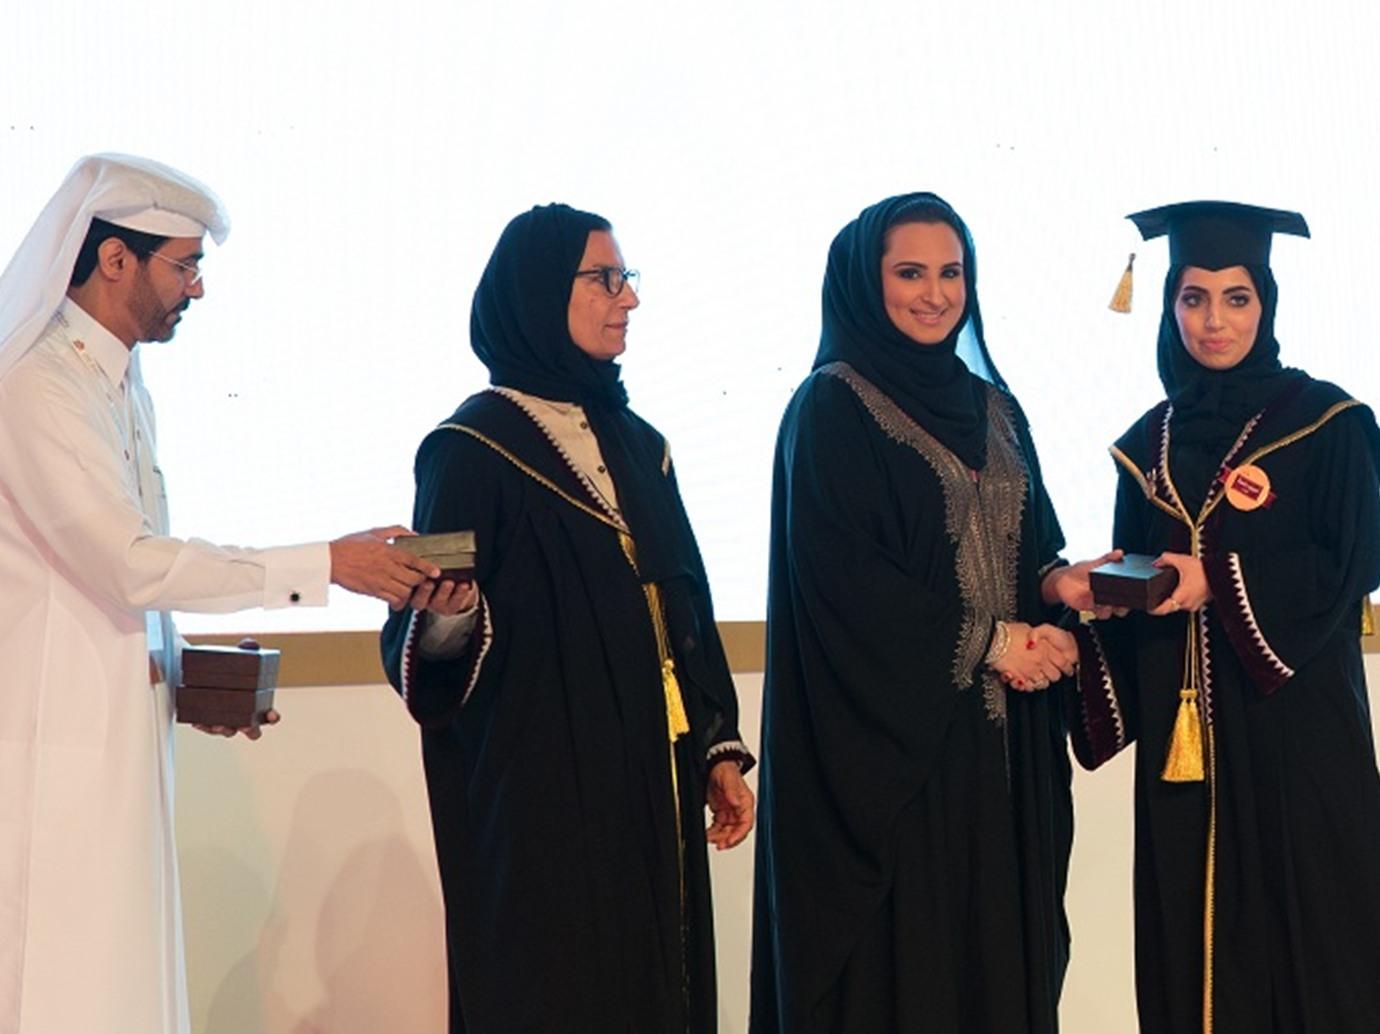 بالصور بنات العرب , اجمل بنات العالم واحلاهم العربية 2063 12